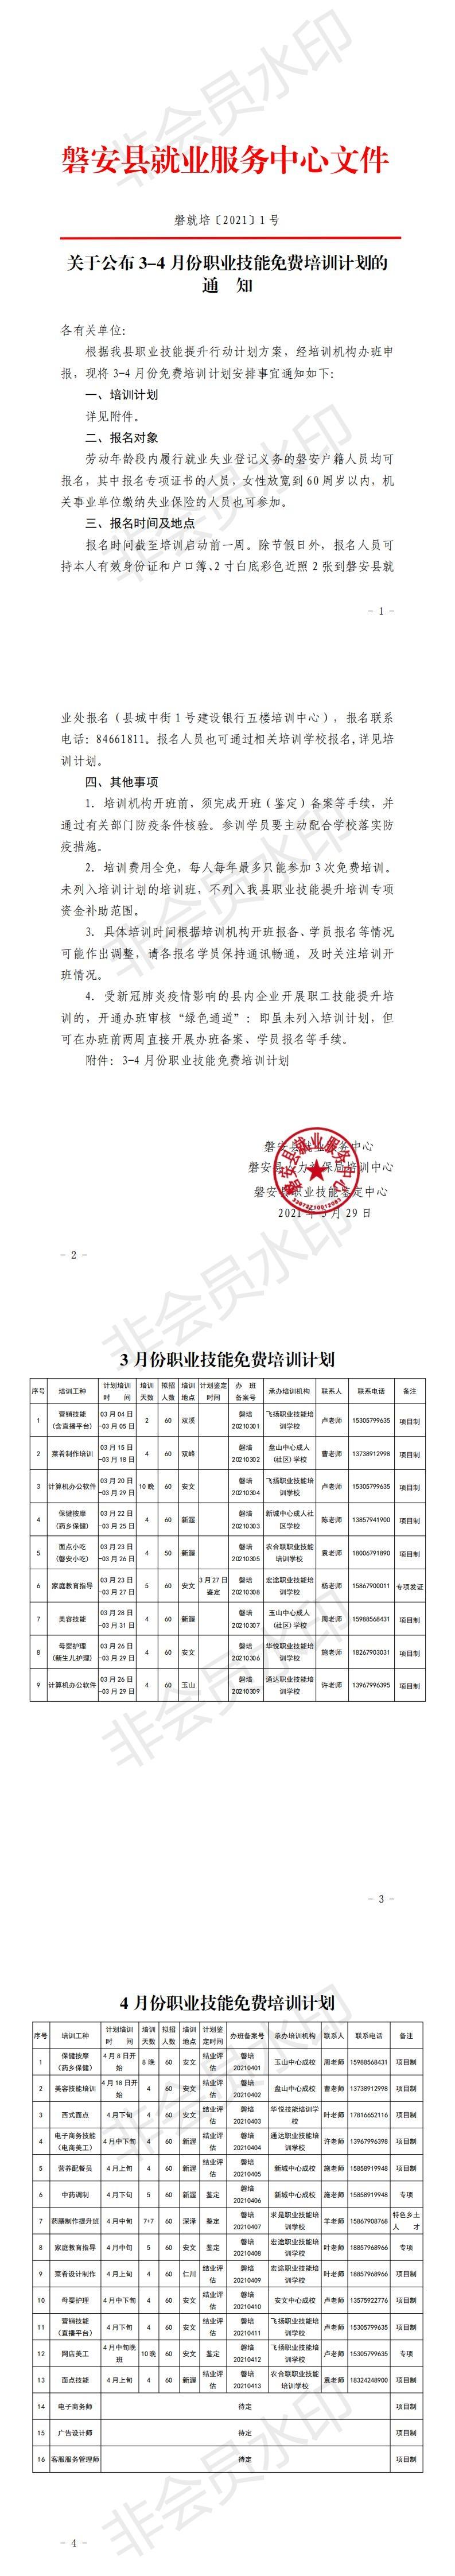 磐就培〔2021〕01号公布3-4月份职业技能免费计划的通知 红头(1)_0.jpg